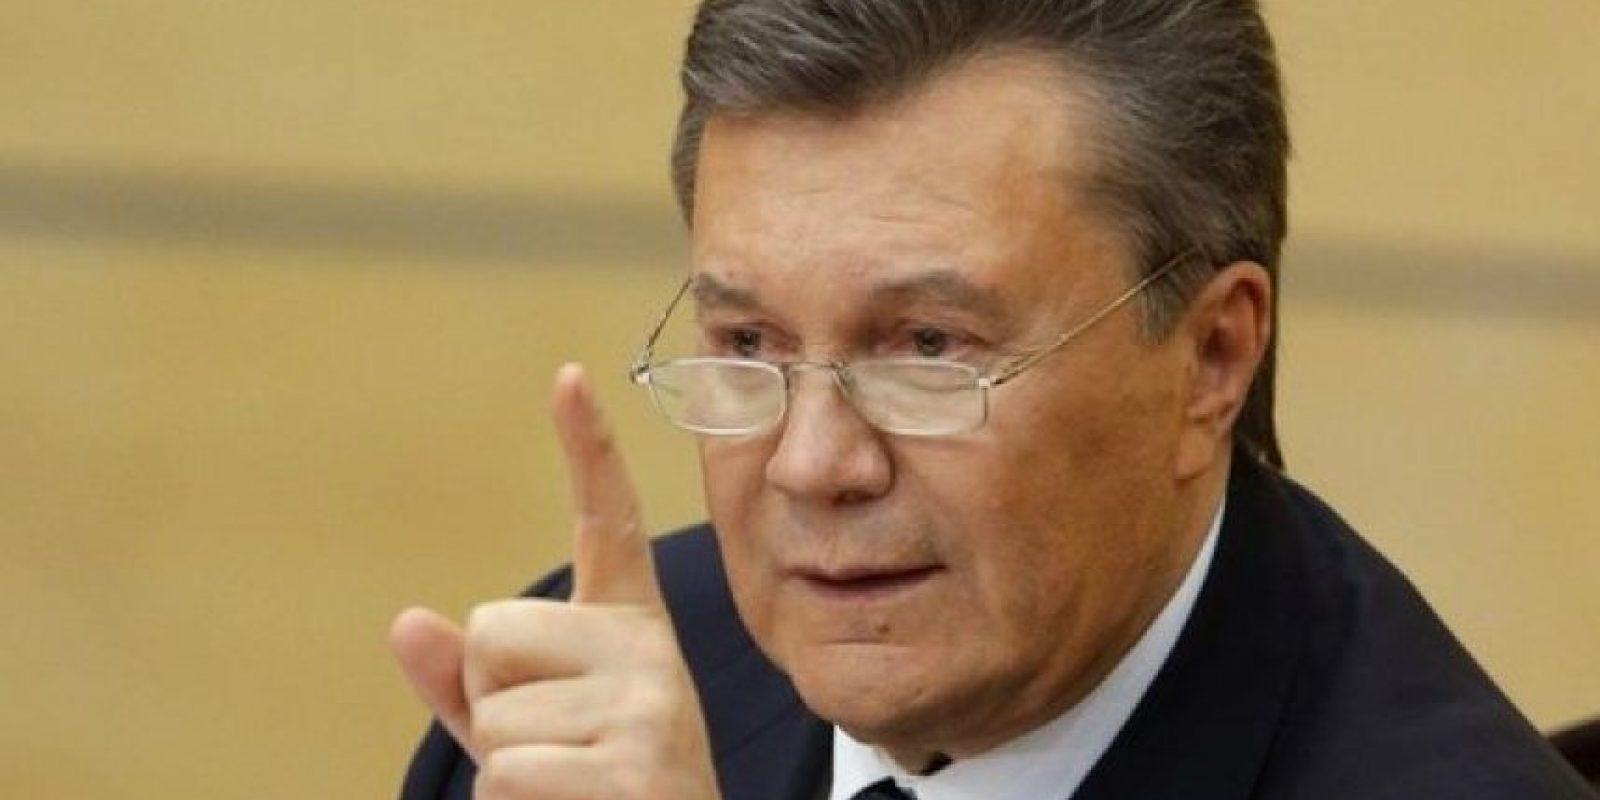 """Viktor Yanukovych. El expresidente de UcraniaTiene el tercer lugar, con 60 votos. """"Vivió en casa multimillonaria.Millones en activos estatales terminaron en manos privadas.Huyó a Rusia tras ser acusado de malversación de fondos"""". Foto:Fuente Externa"""